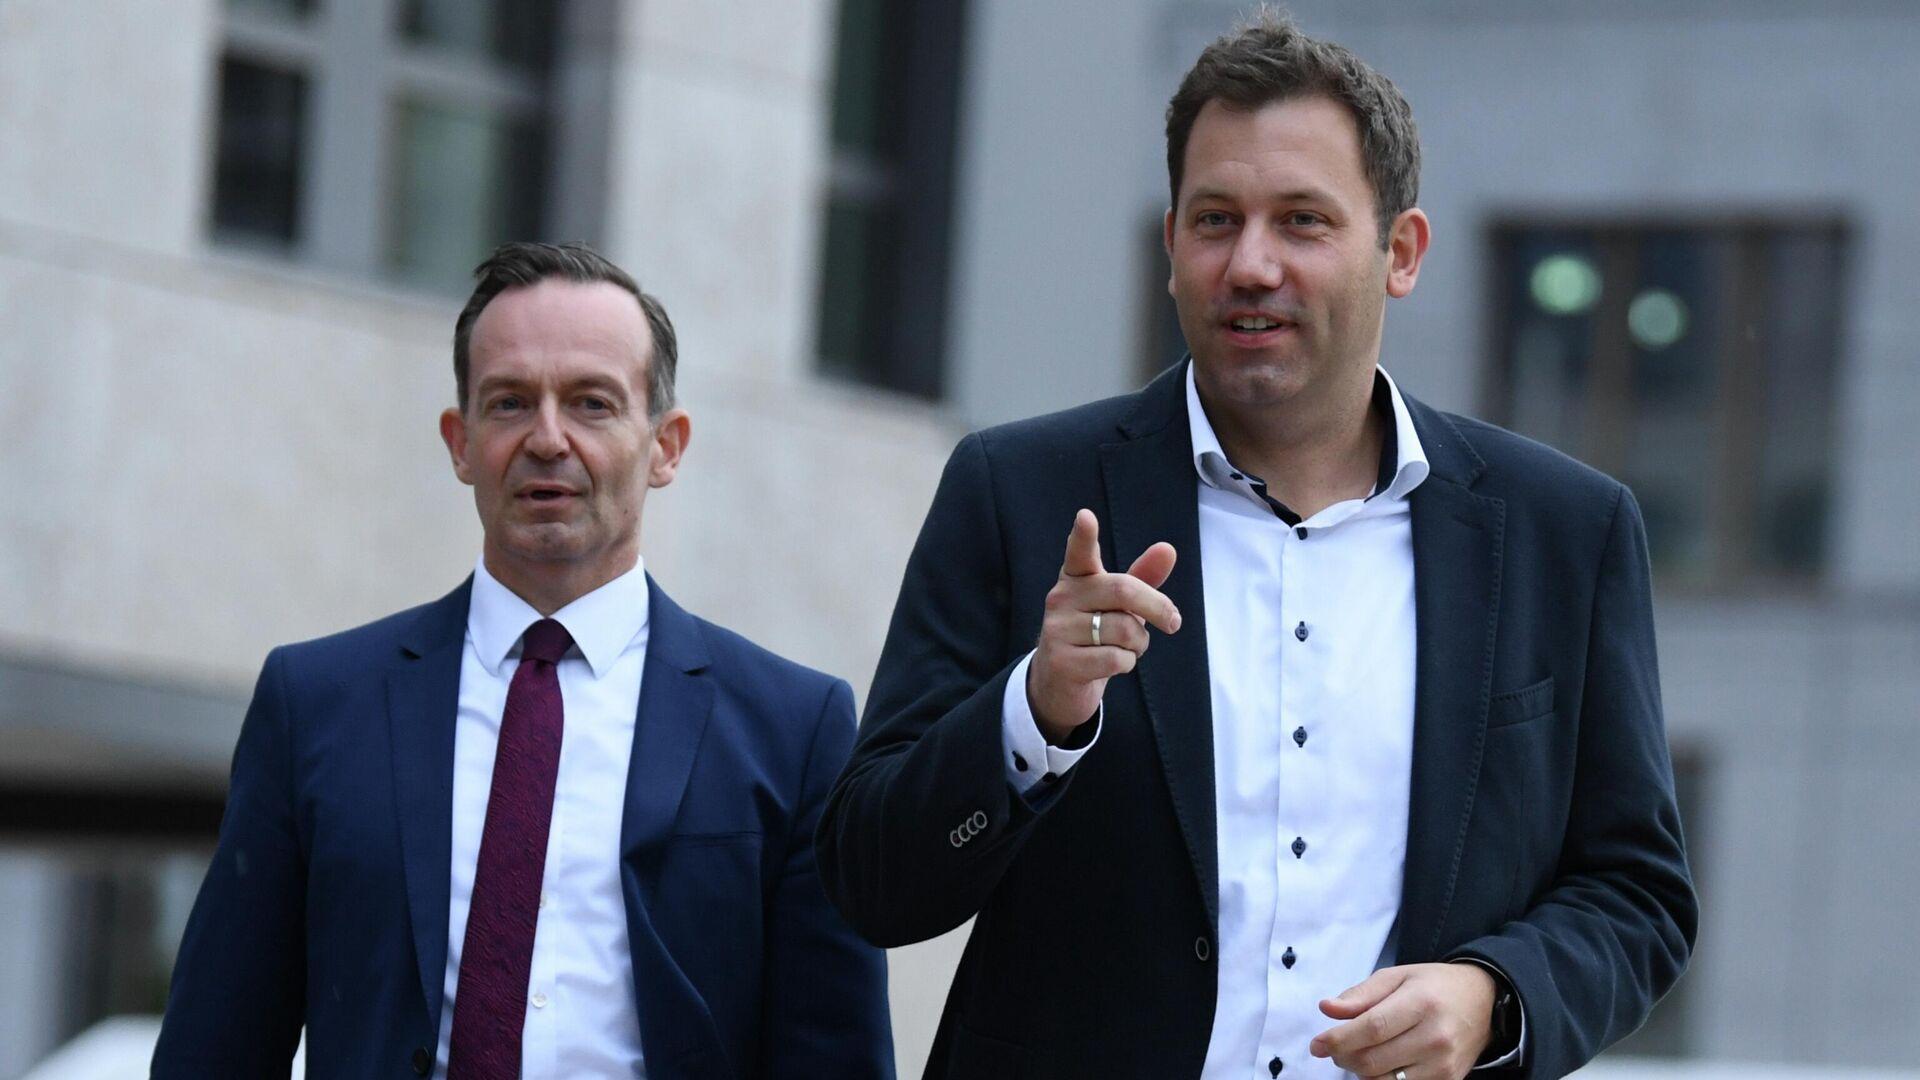 SPD und FDP führen Gespräche über ein mögliches Regierungsbündnis - SNA, 1920, 03.10.2021